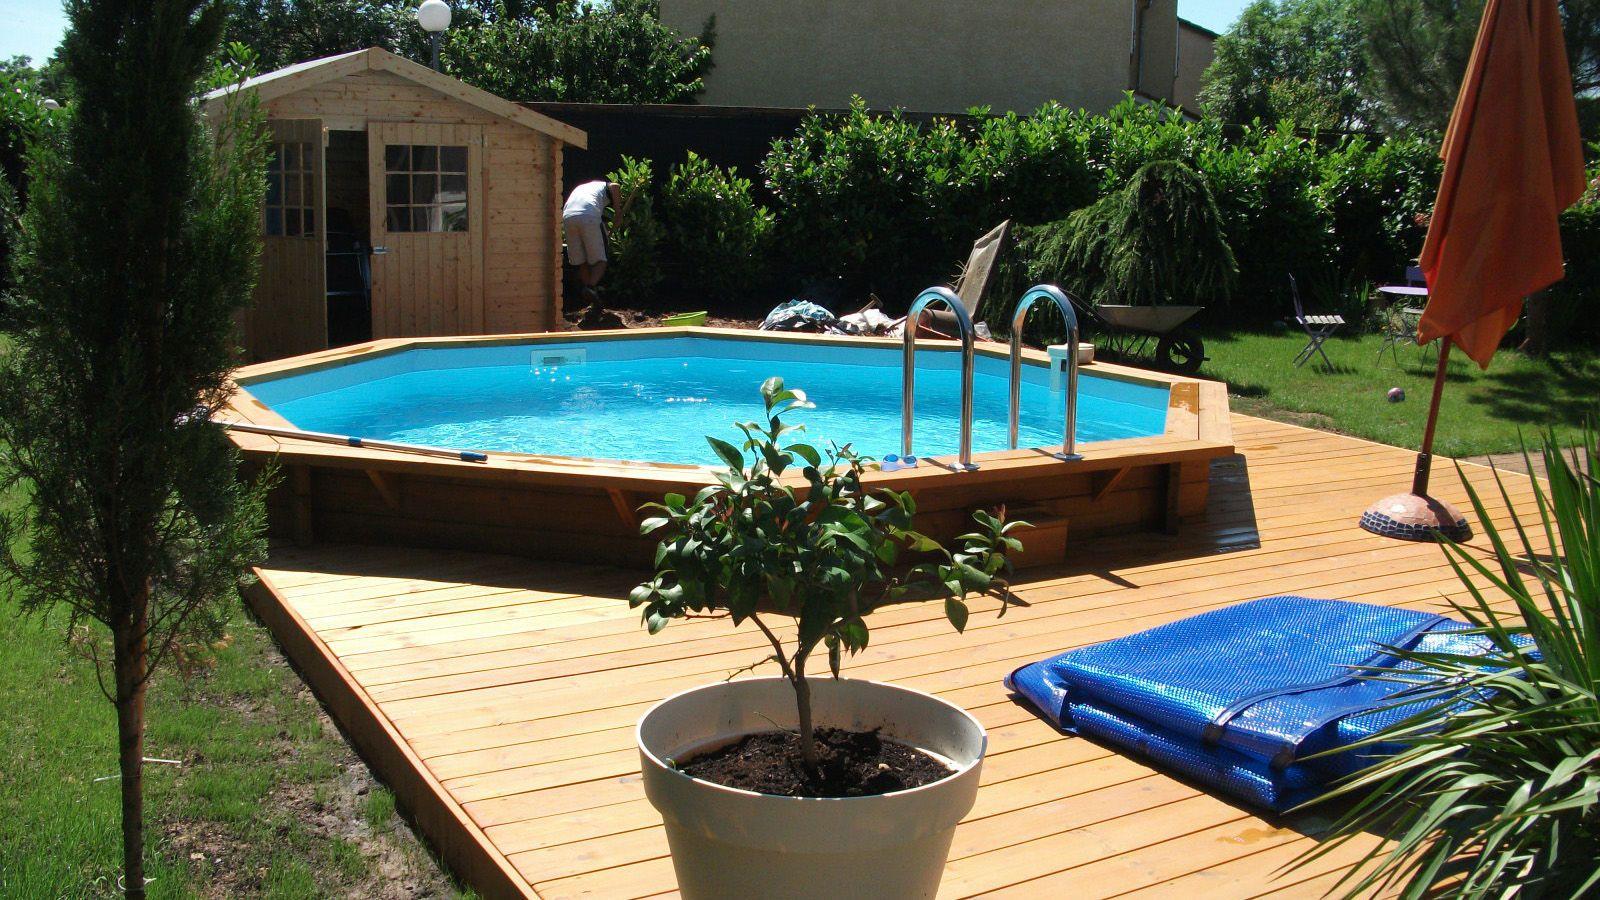 génial photographie de piscine bois ronde hors sol sur sensationnel